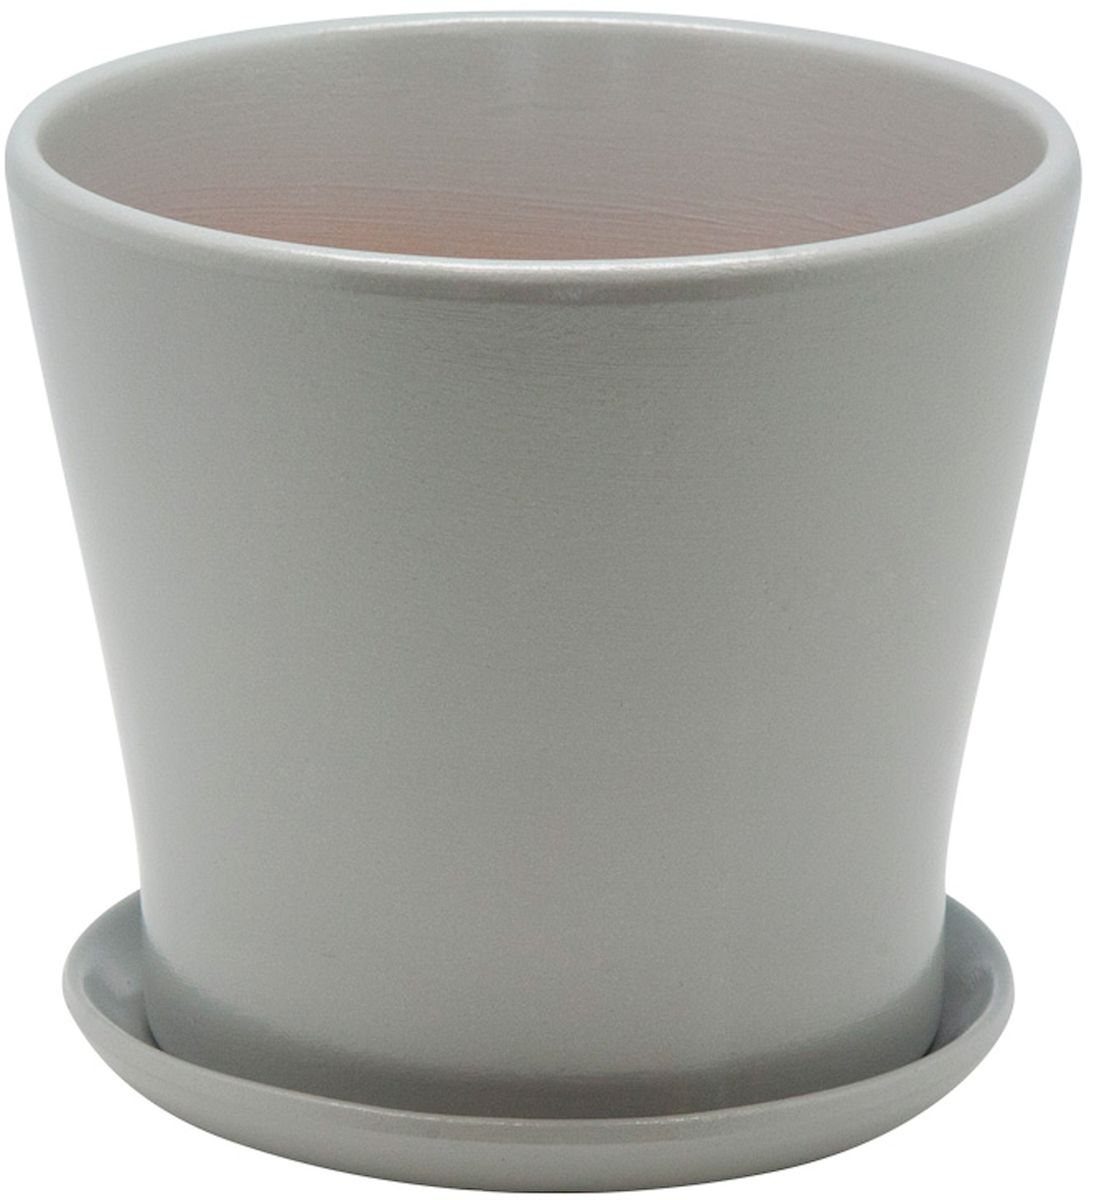 Горшок цветочный Engard, с поддоном, цвет: серебристый, 2,4 лBH-13-2Керамический горшок Engard - это идеальное решение для выращивания комнатных растений и создания изысканности в интерьере. Керамический горшок сделан из высококачественной глины в классической форме и оригинальном дизайне.Объем: 2,4 л.